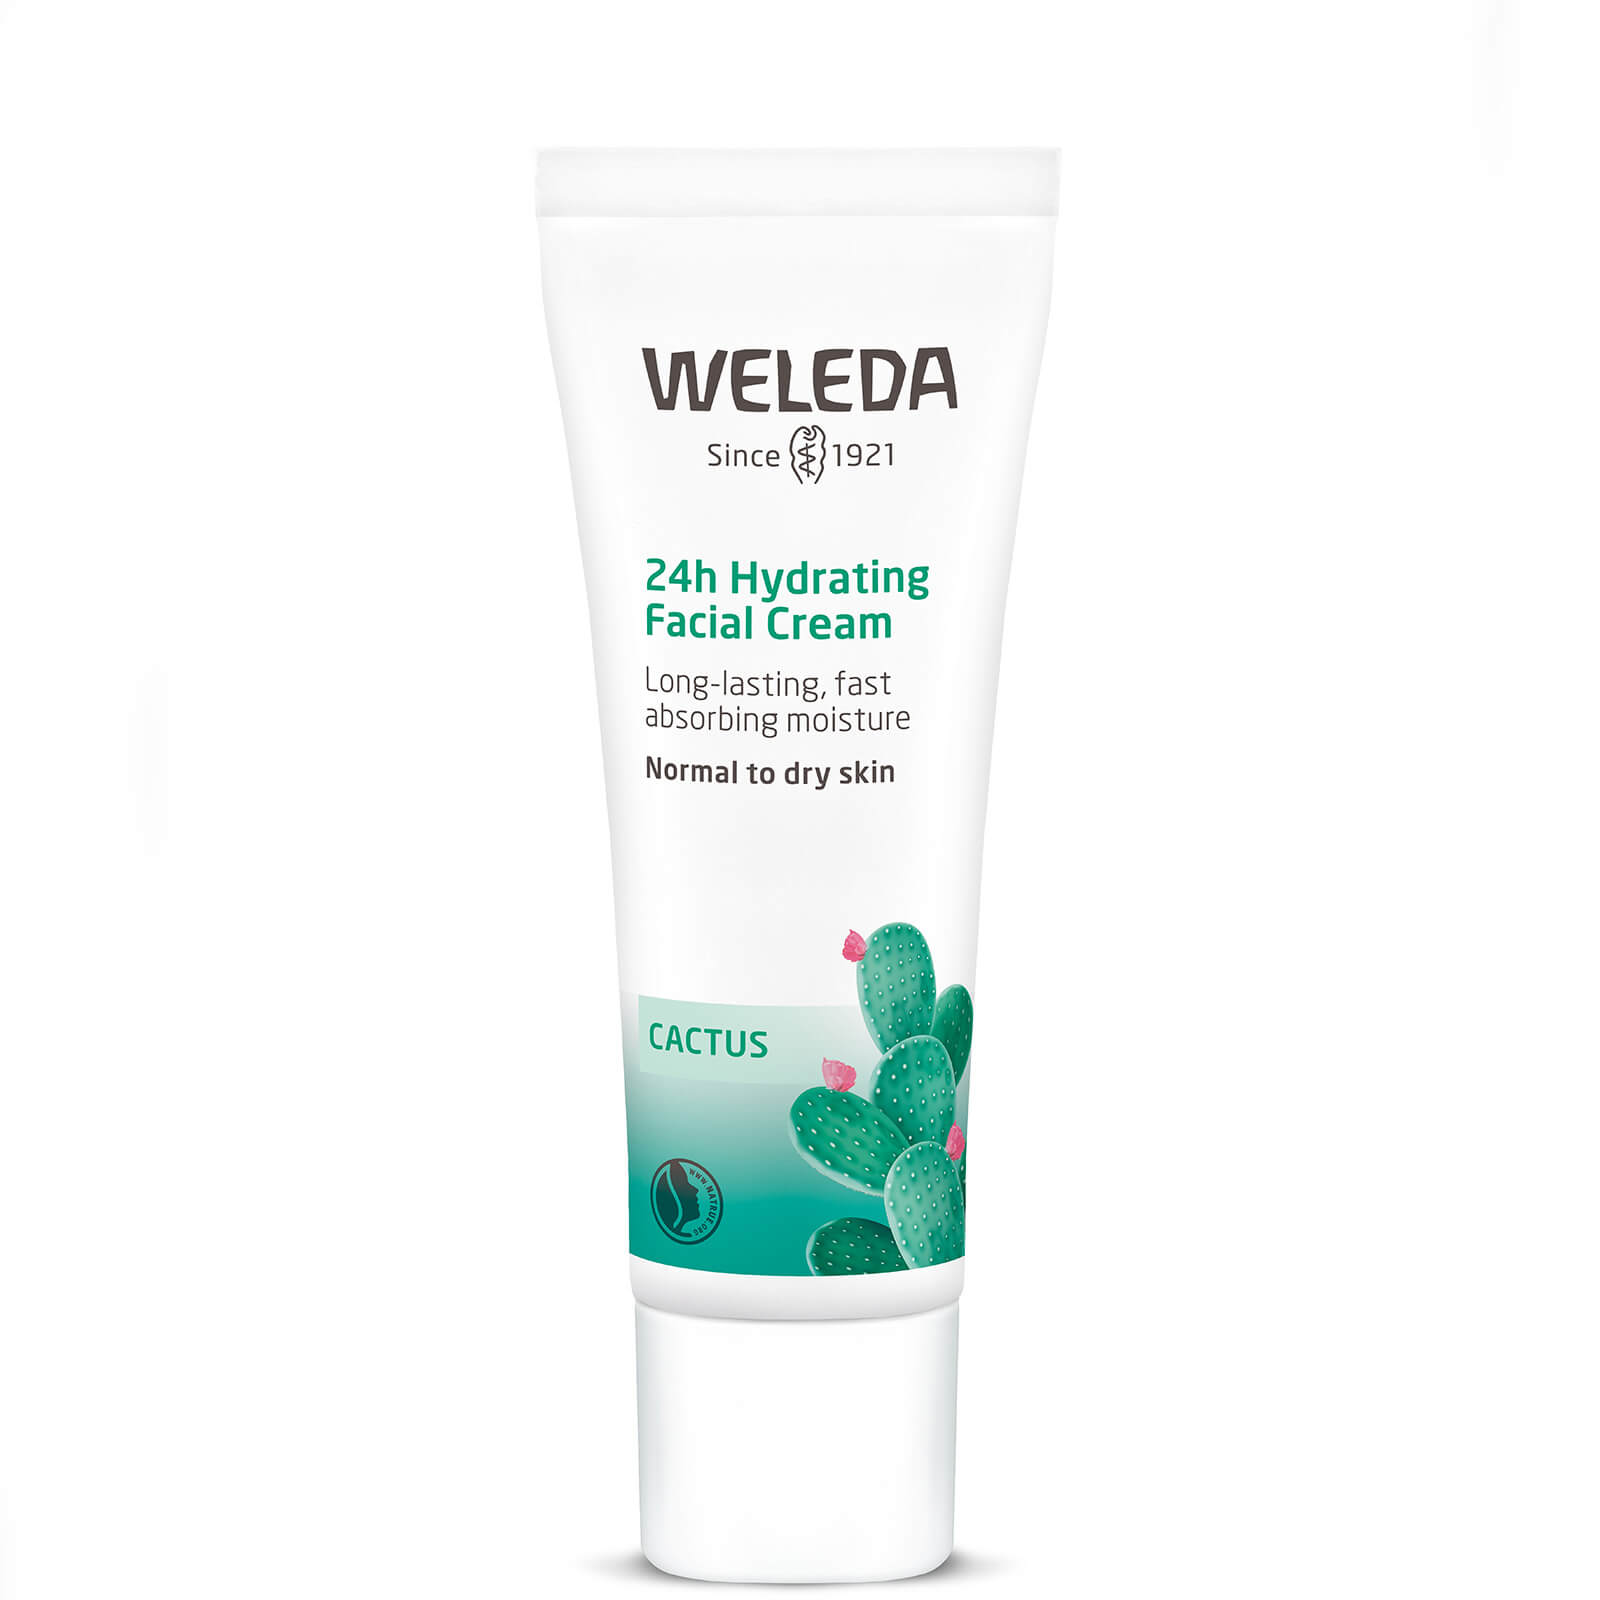 Купить Увлажняющий крем для лица с опунцией Weleda Prickly Pear Hydrating Facial Cream 30 мл